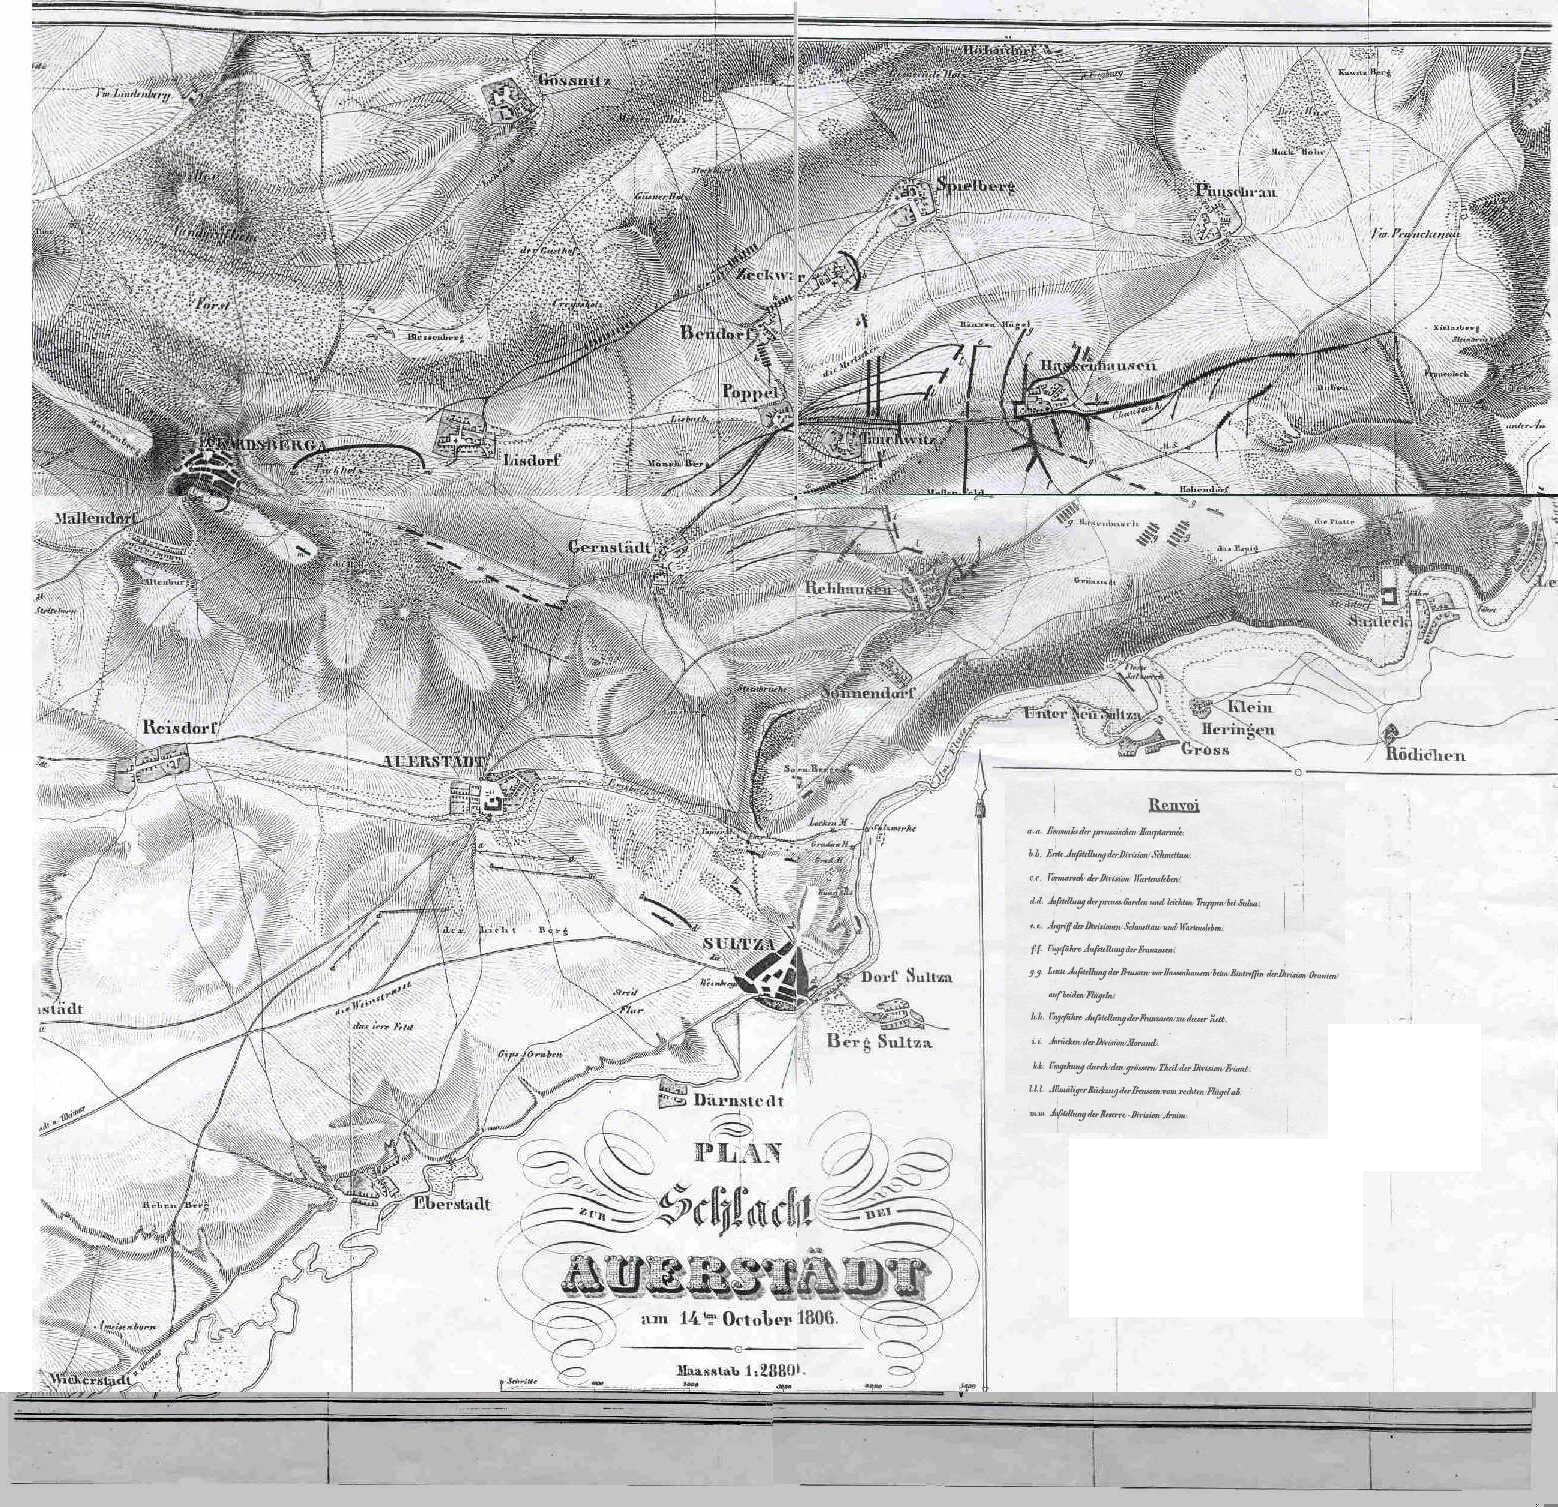 1806 Octobre 14 - Auerstadt Auerstadt1